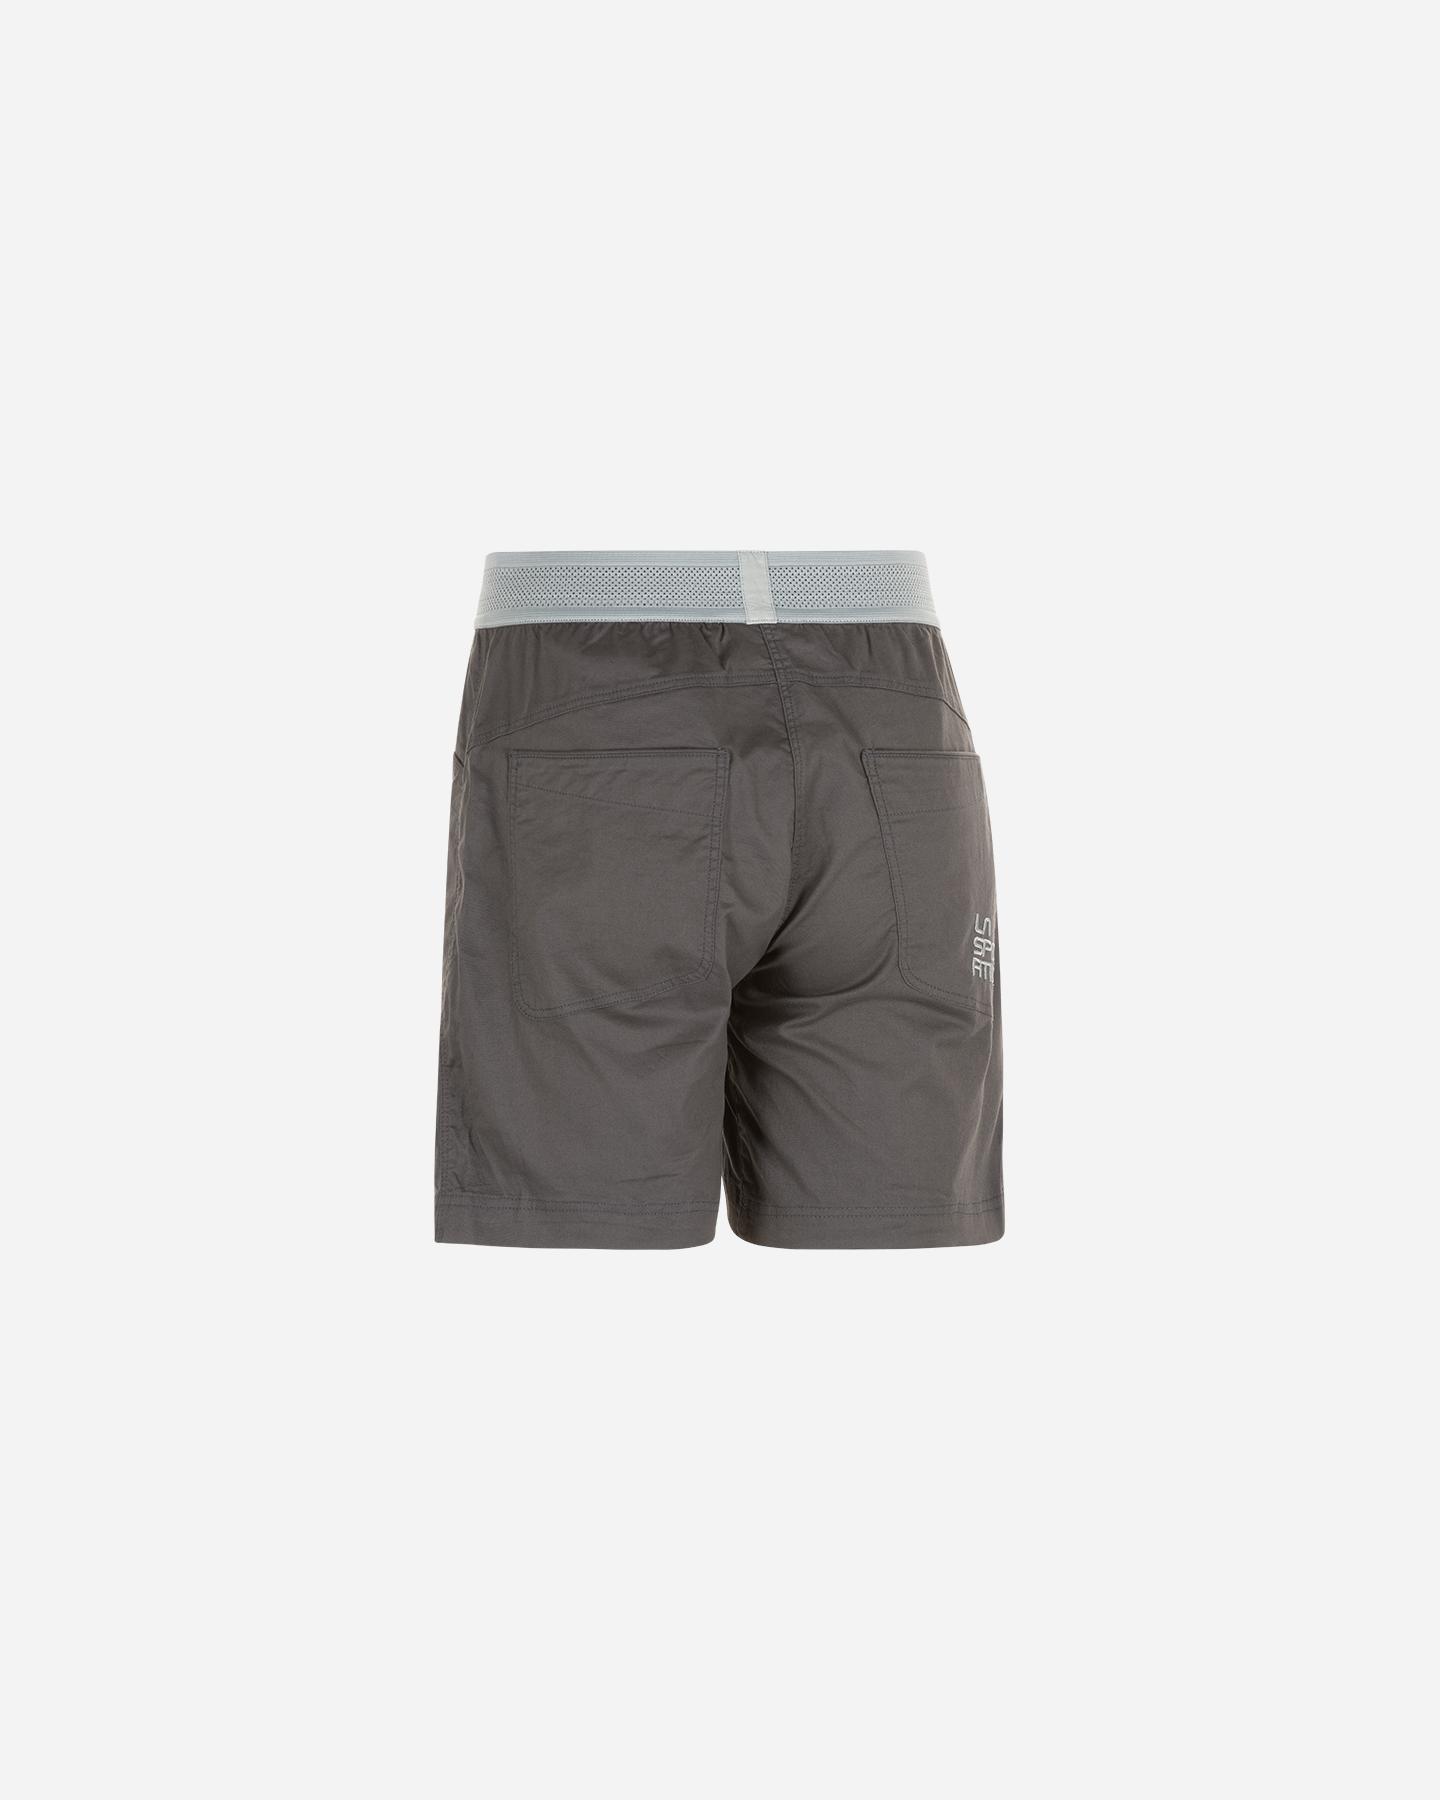 Pantaloncini LA SPORTIVA ONYX W S4096168 scatto 1